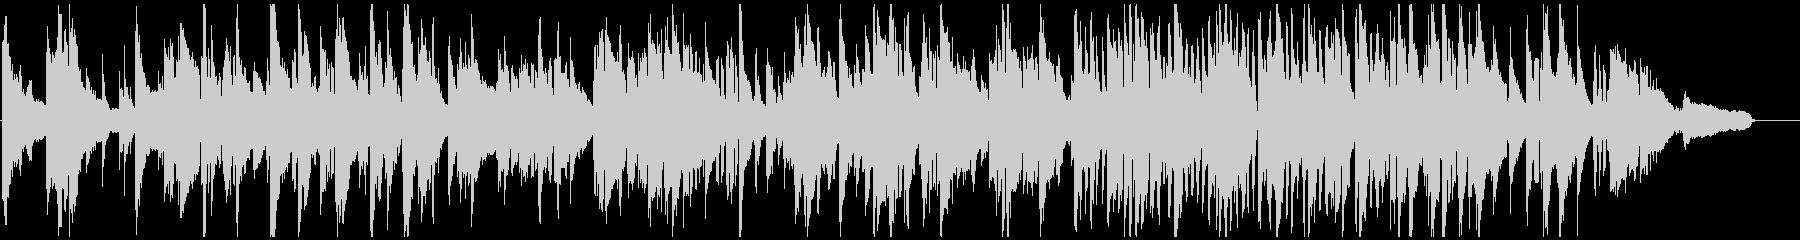 滑らかで暖かいサックスのバラード・ジャズの未再生の波形